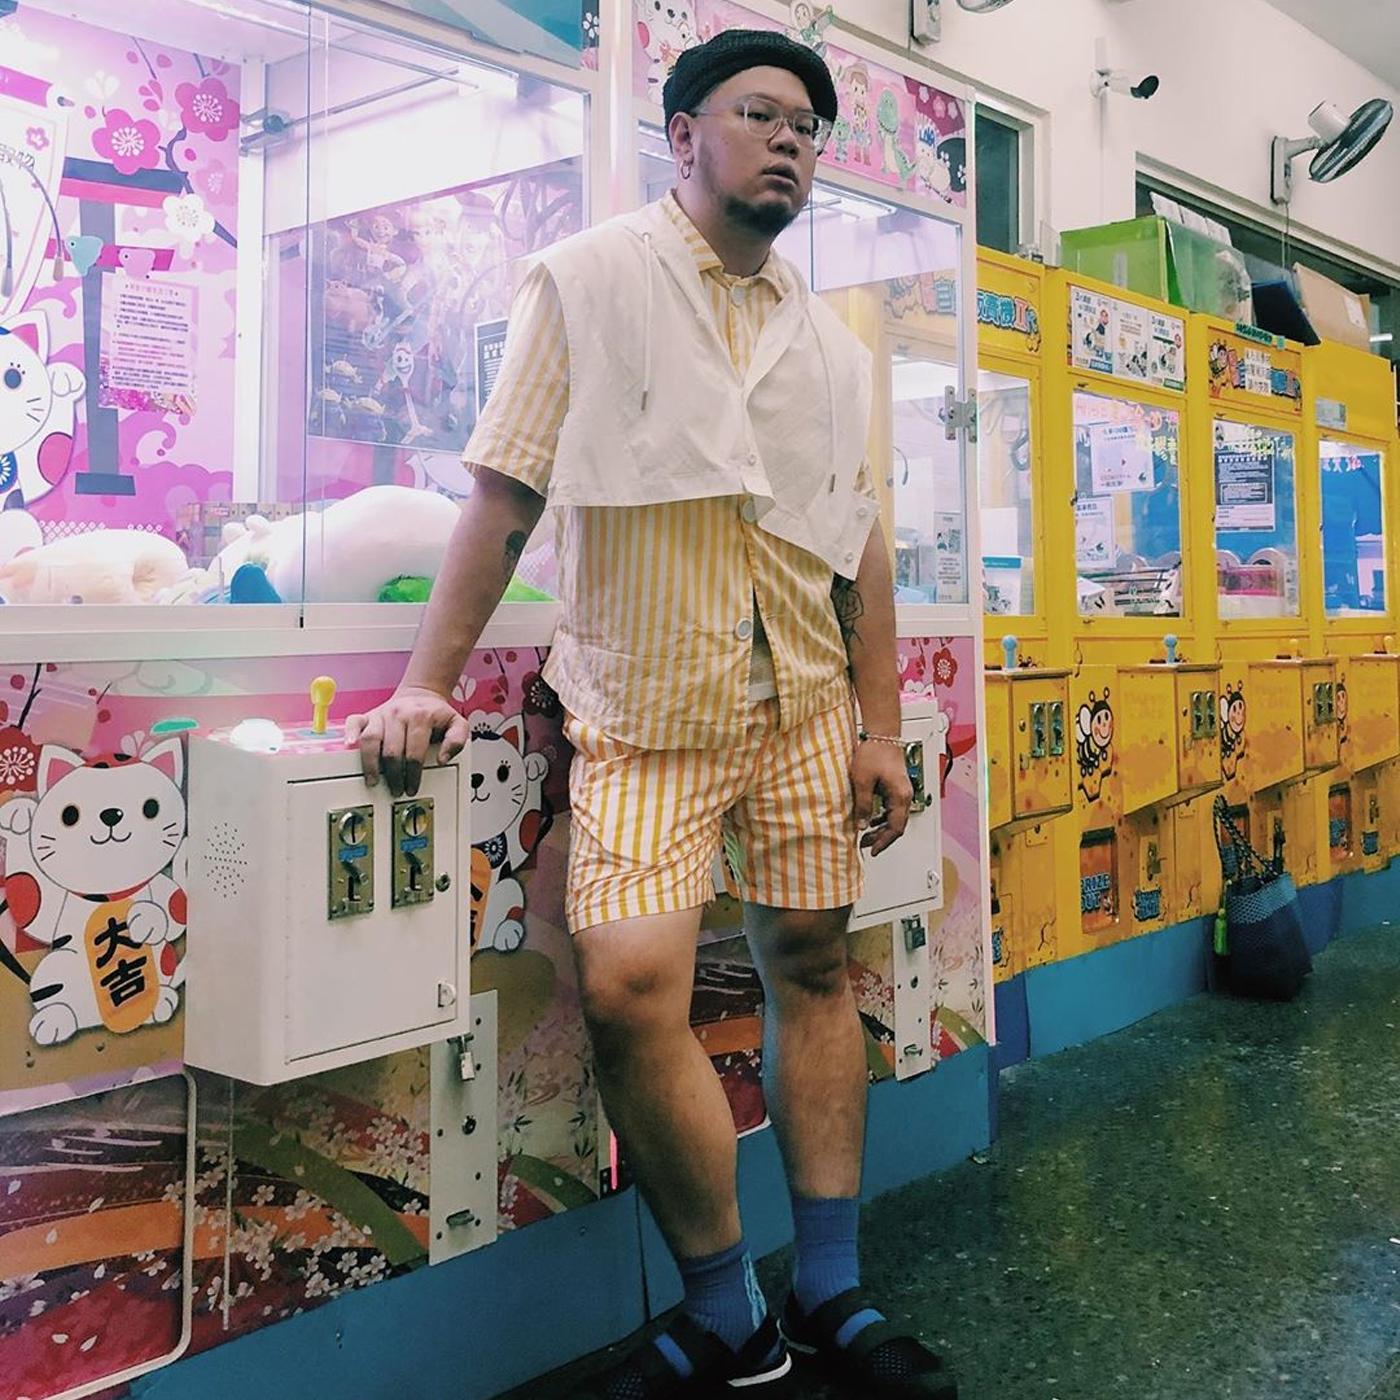 短褲,短褲穿搭,夏季短褲,秋 短褲,短褲搭配,穿搭,IG,IG型人穿搭,instagram,plainme_snap,型人,夏季穿搭,搭配,早春穿搭,春夏穿搭,春季穿搭,穿搭,穿搭型人,穿搭風格